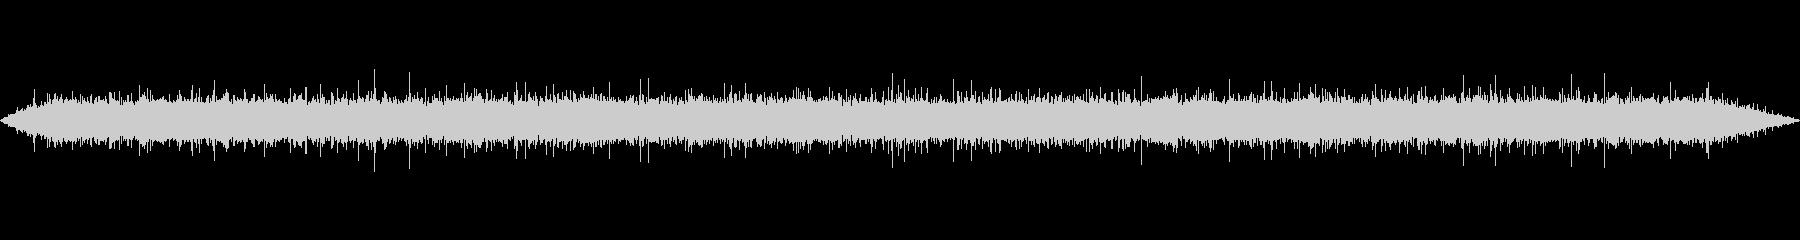 【自然音】小川のせせらぎ_2の未再生の波形